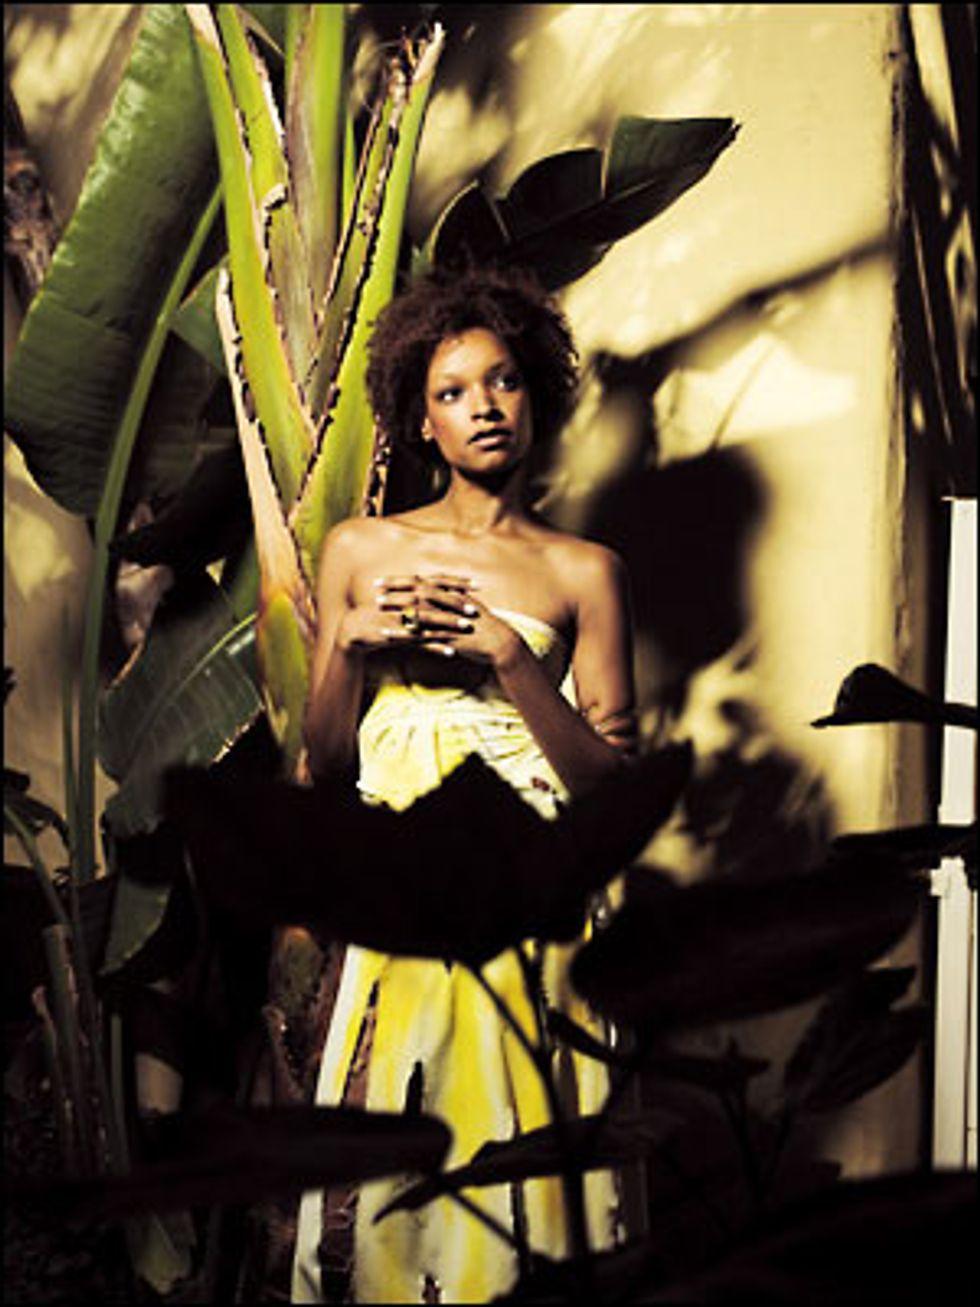 Beautiful People 2004: Janine Green